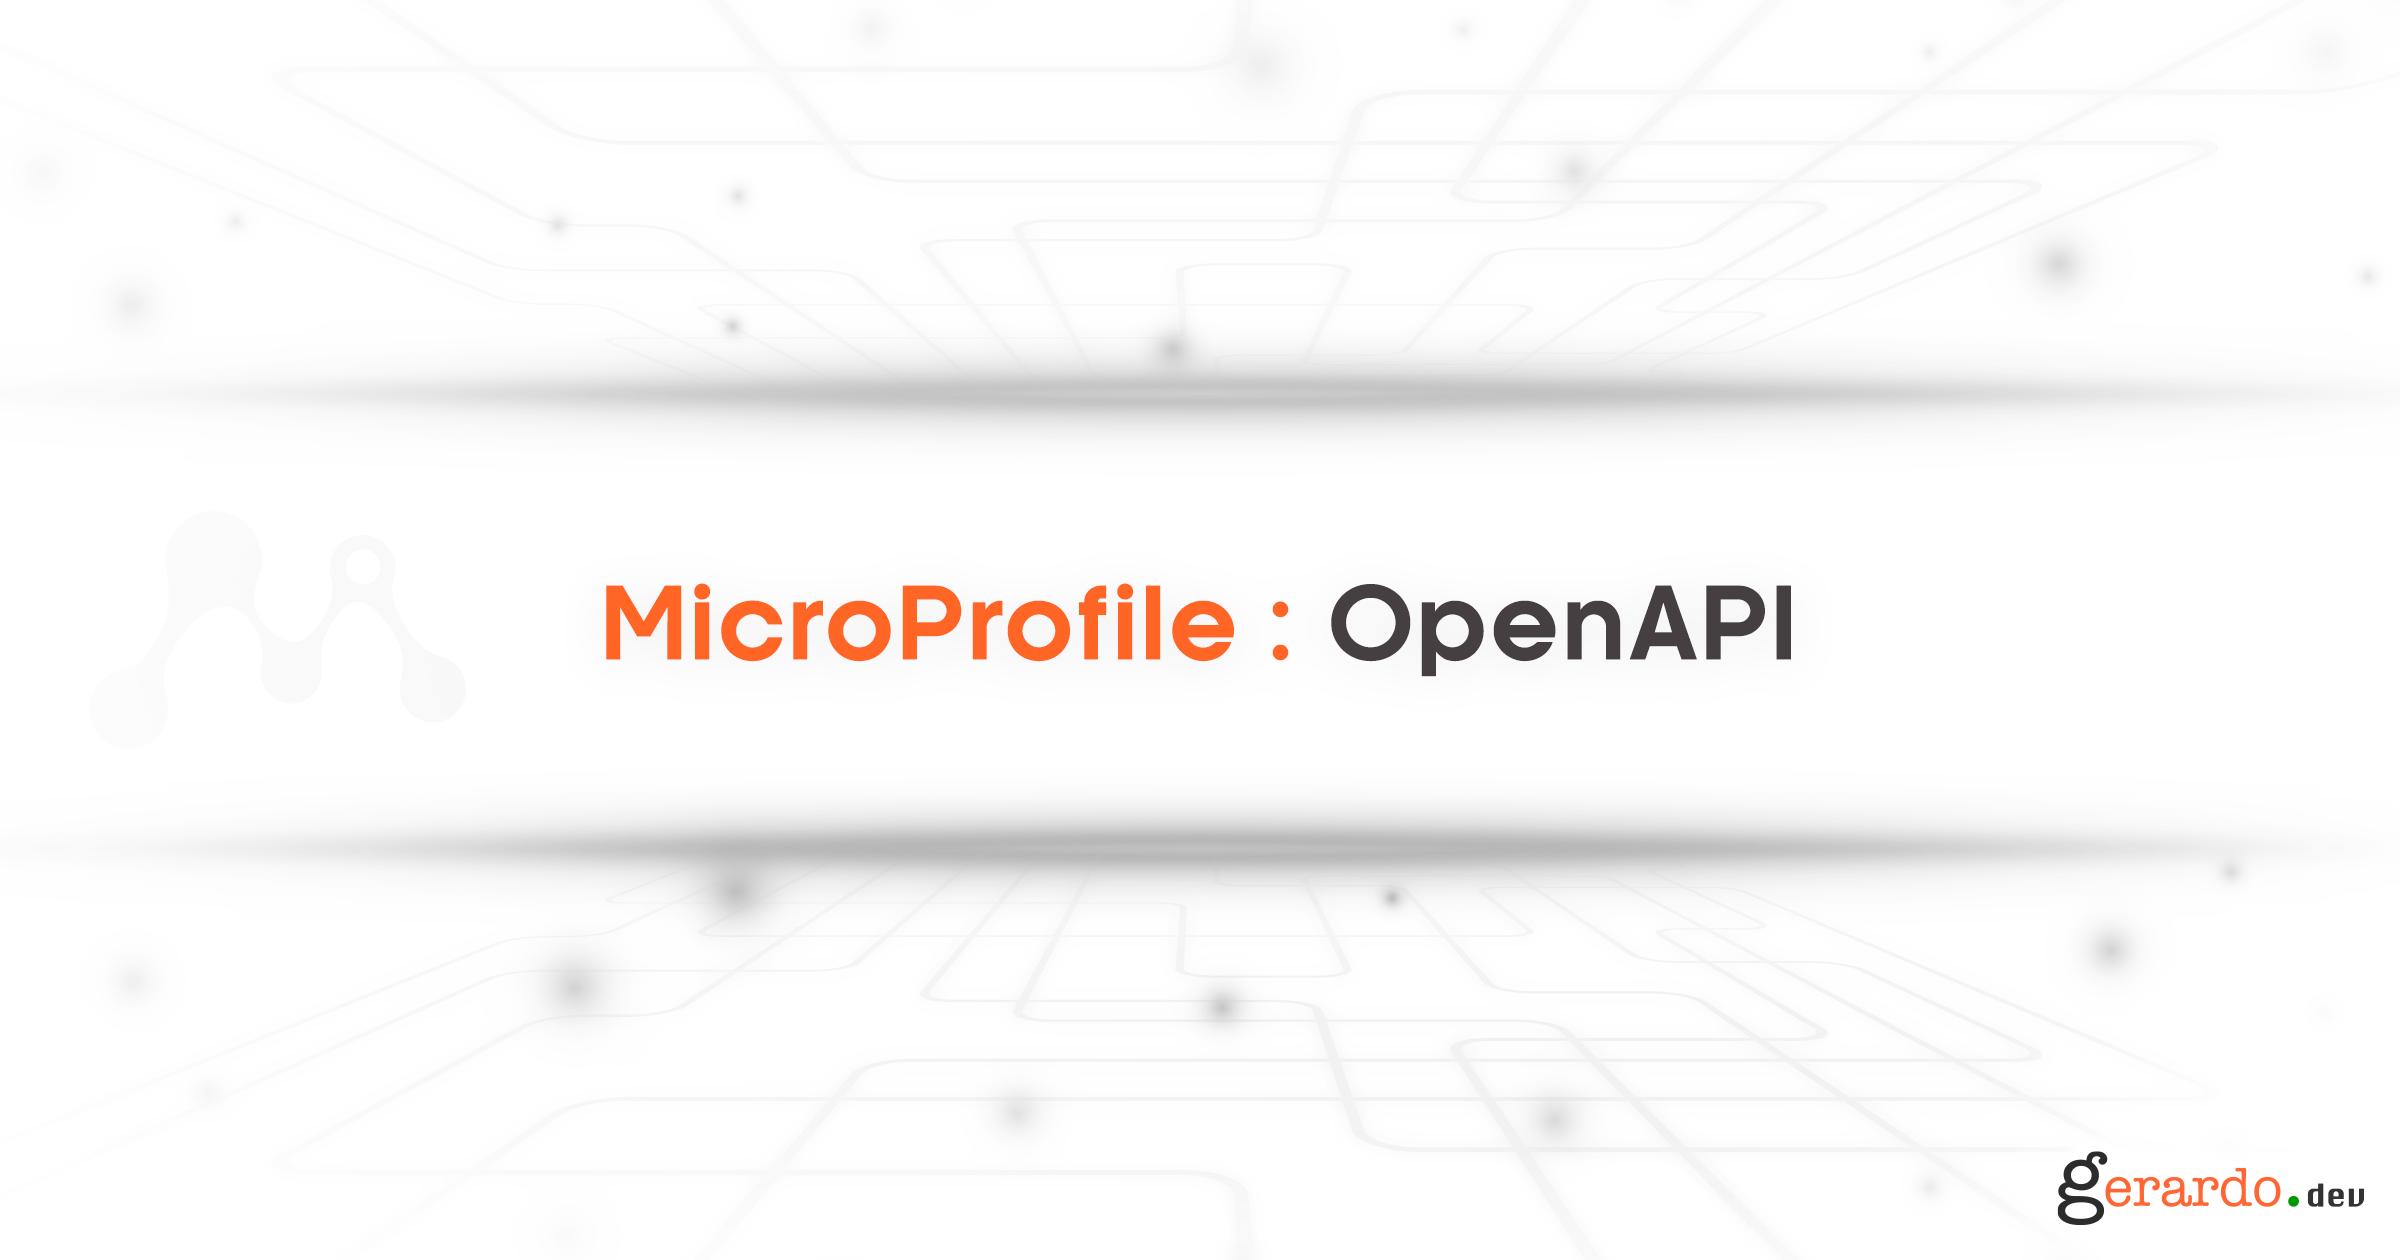 MicroProfile: OpenAPI